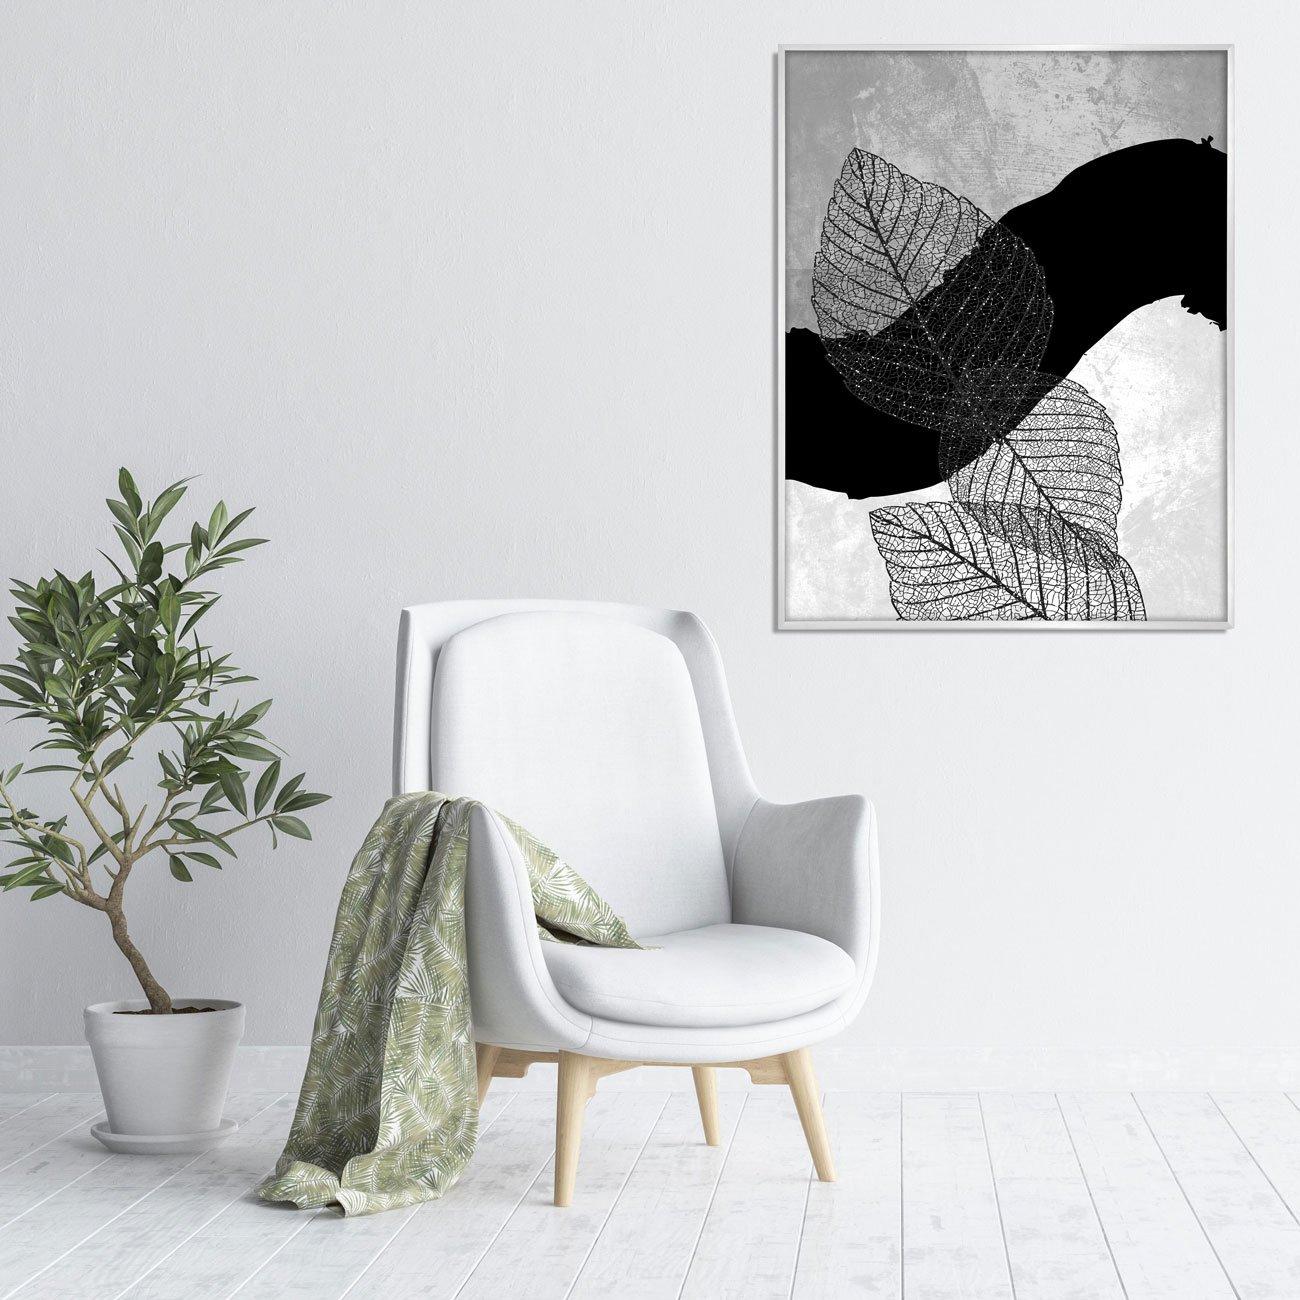 Quadro Arte Abstrata e Folhas em Preto e Branco 70x90 cm